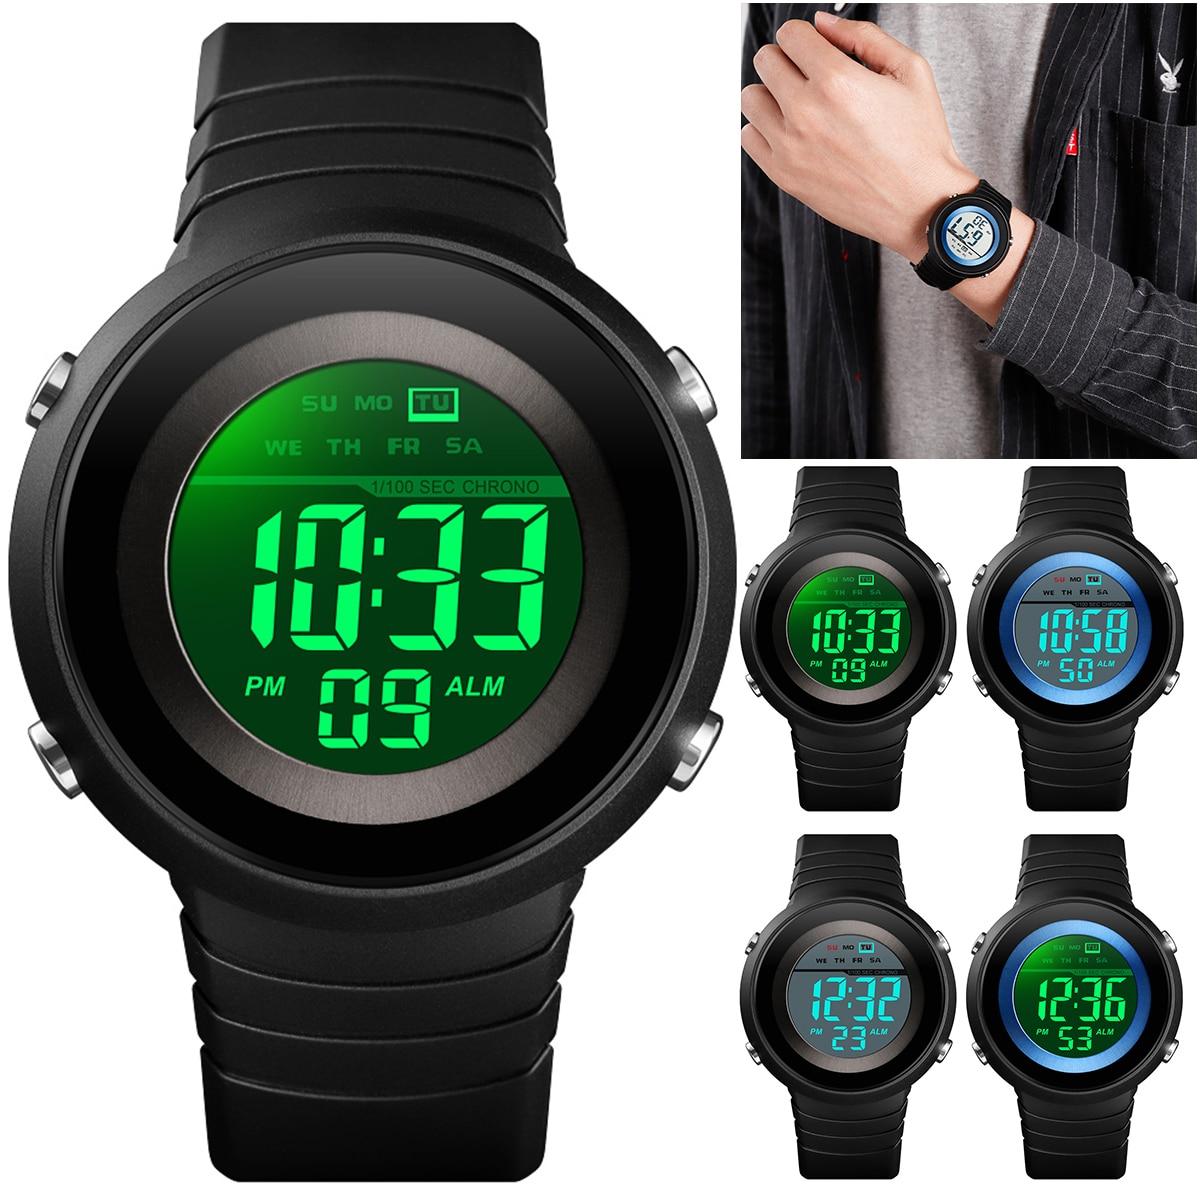 2019 Children's 50M Waterproof Watches Kids EL backlight Sport Alarm Watch for Boys Girls Men Women Electronic Wrist Watch